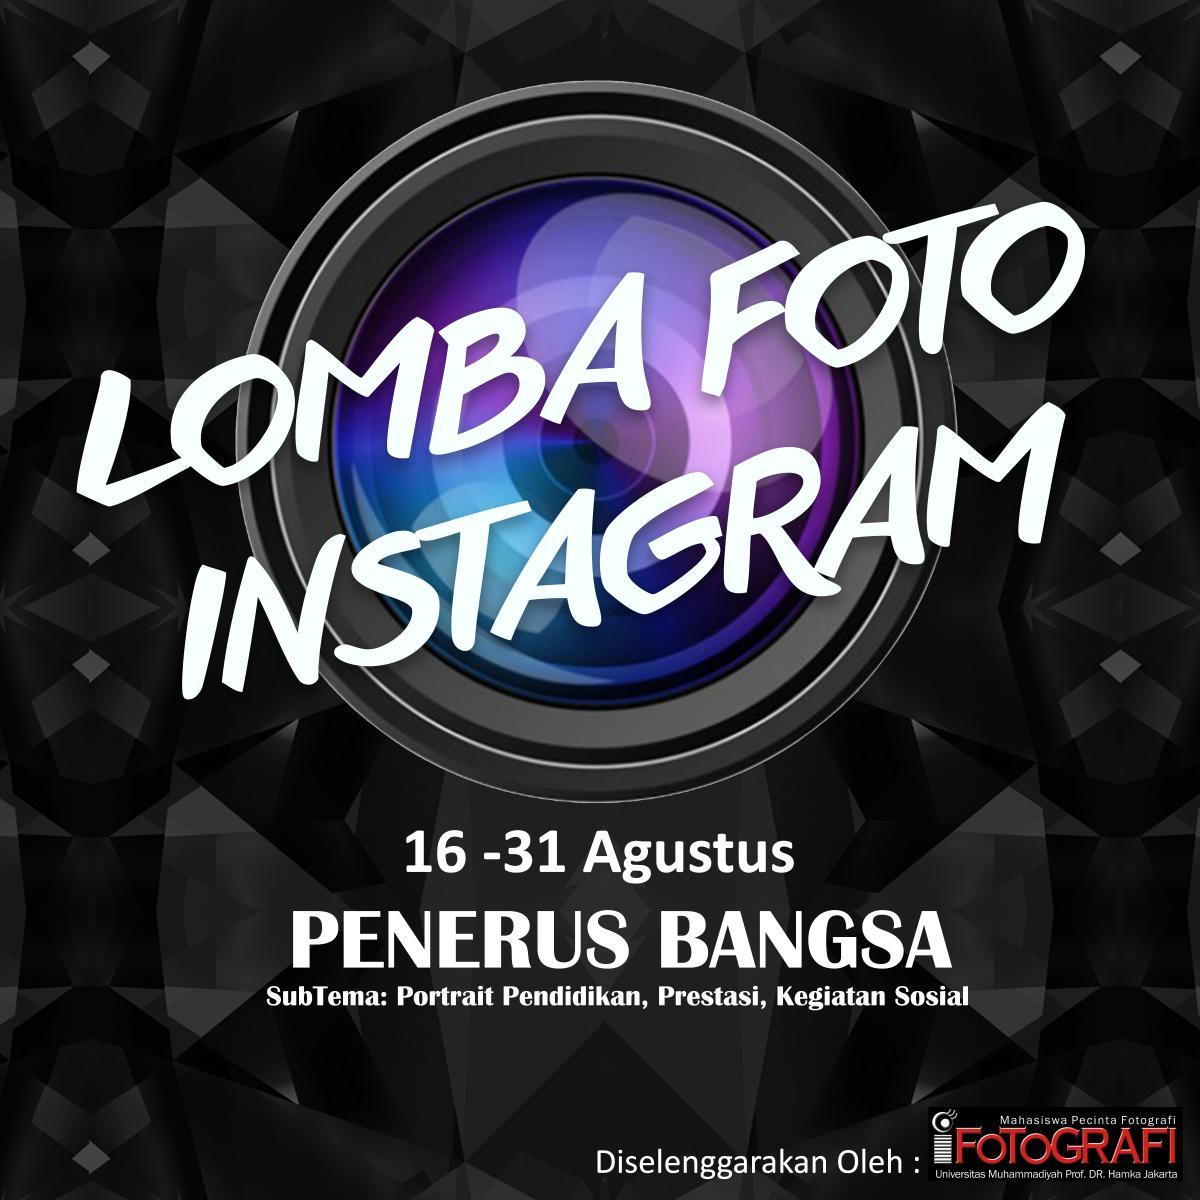 Lomba Foto Instagram 1